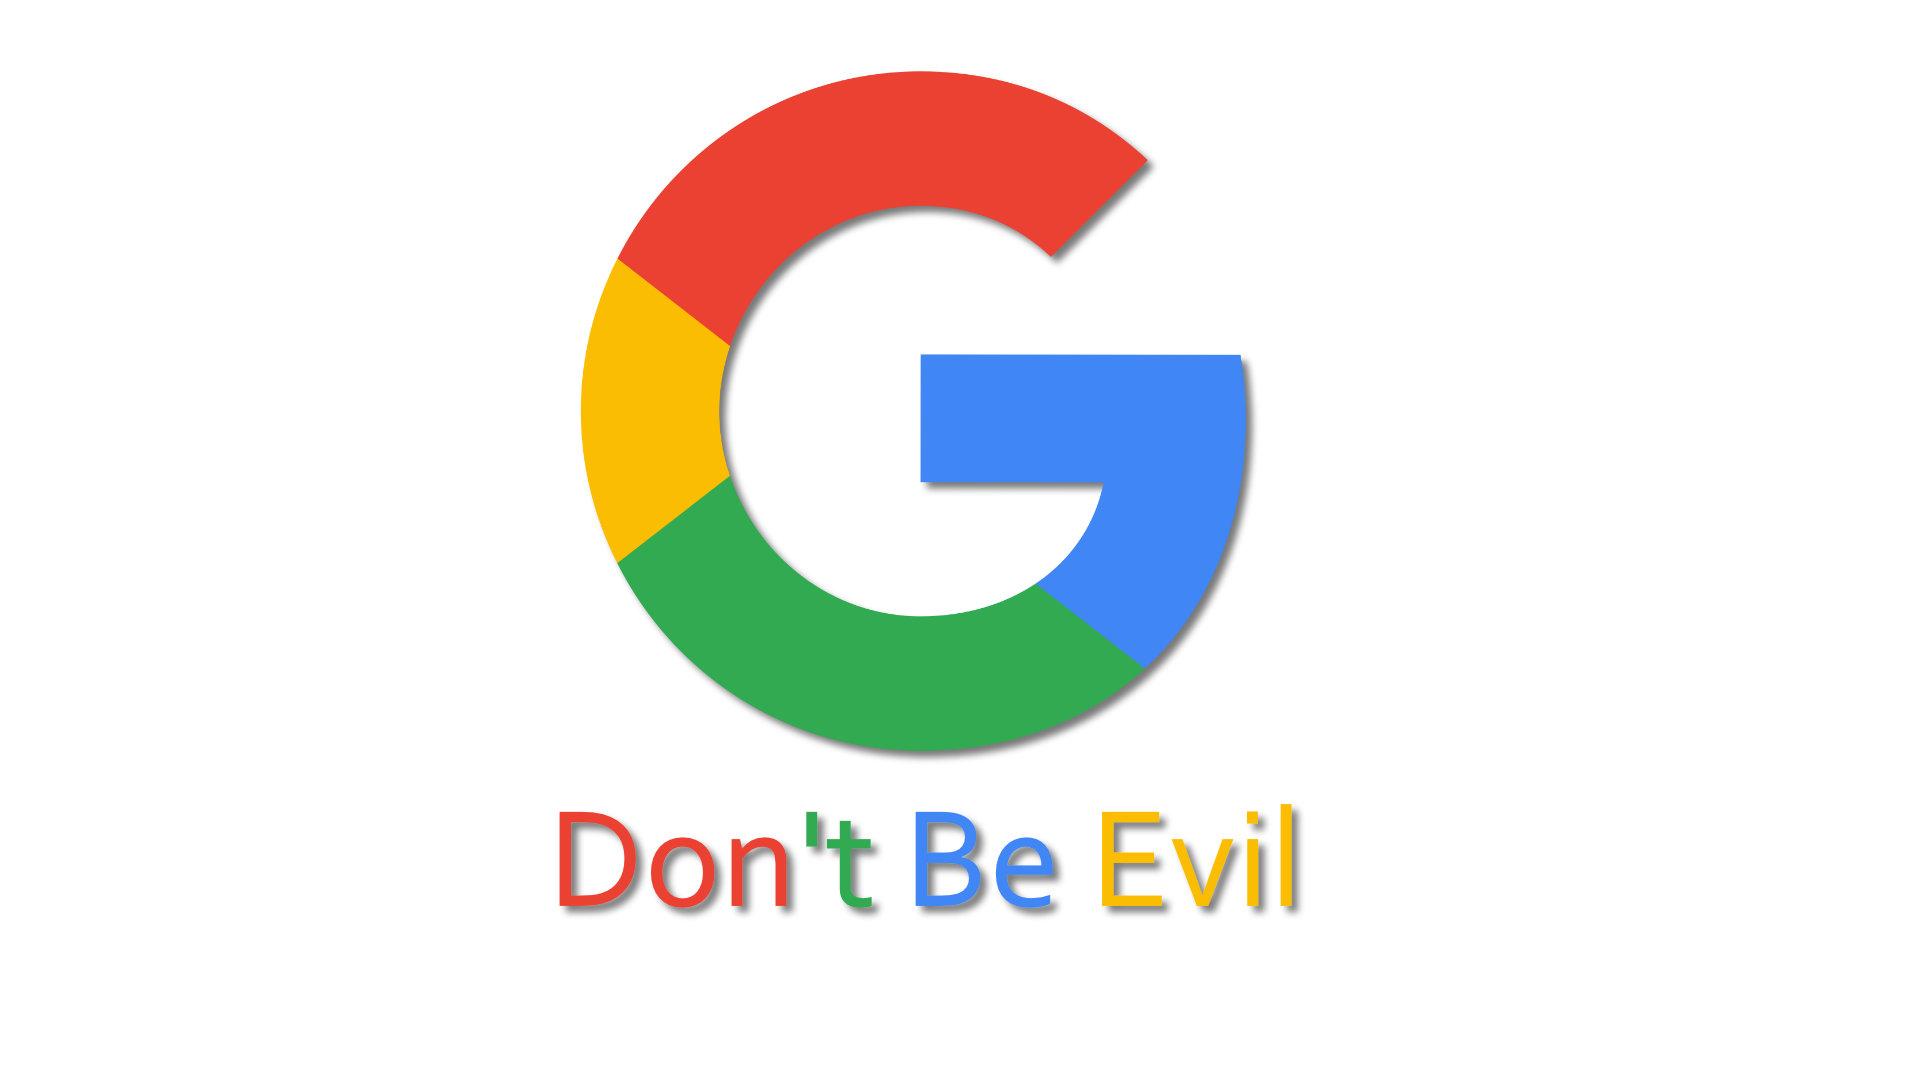 Manipulation, accord secret… Les 1001 choses dont est accusé Google